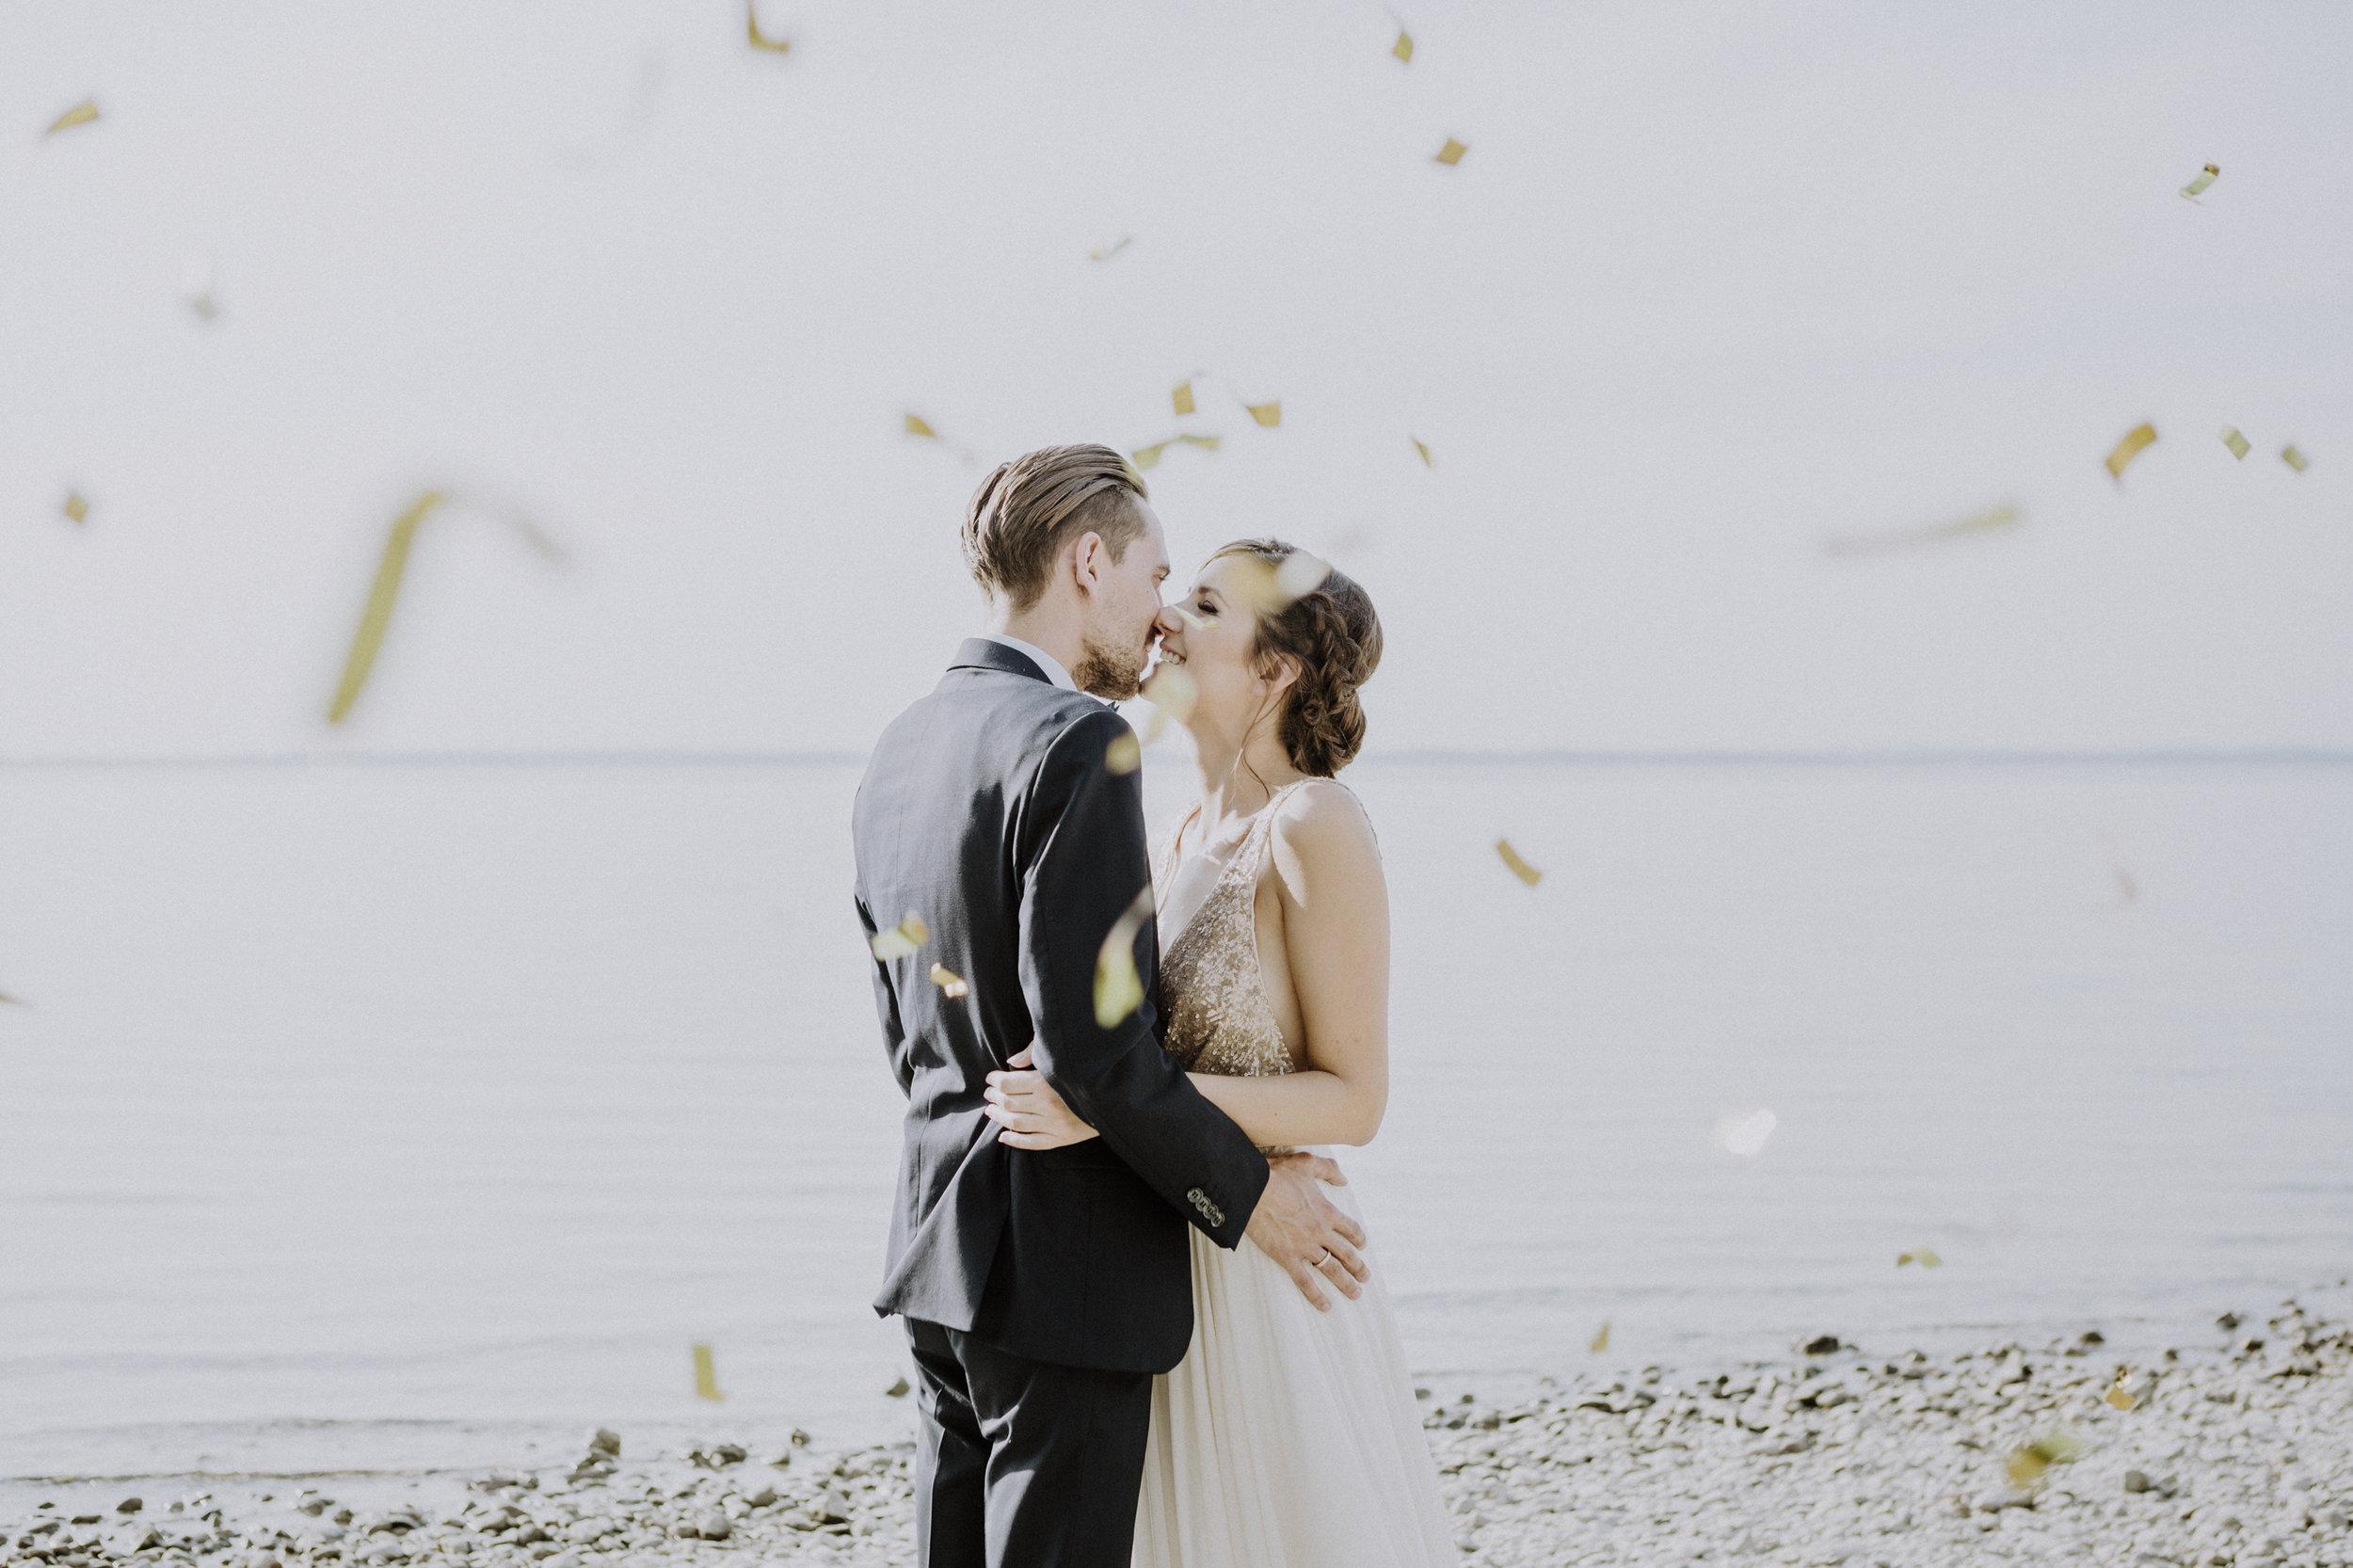 ohella_chiemsee_wedding-26.jpg